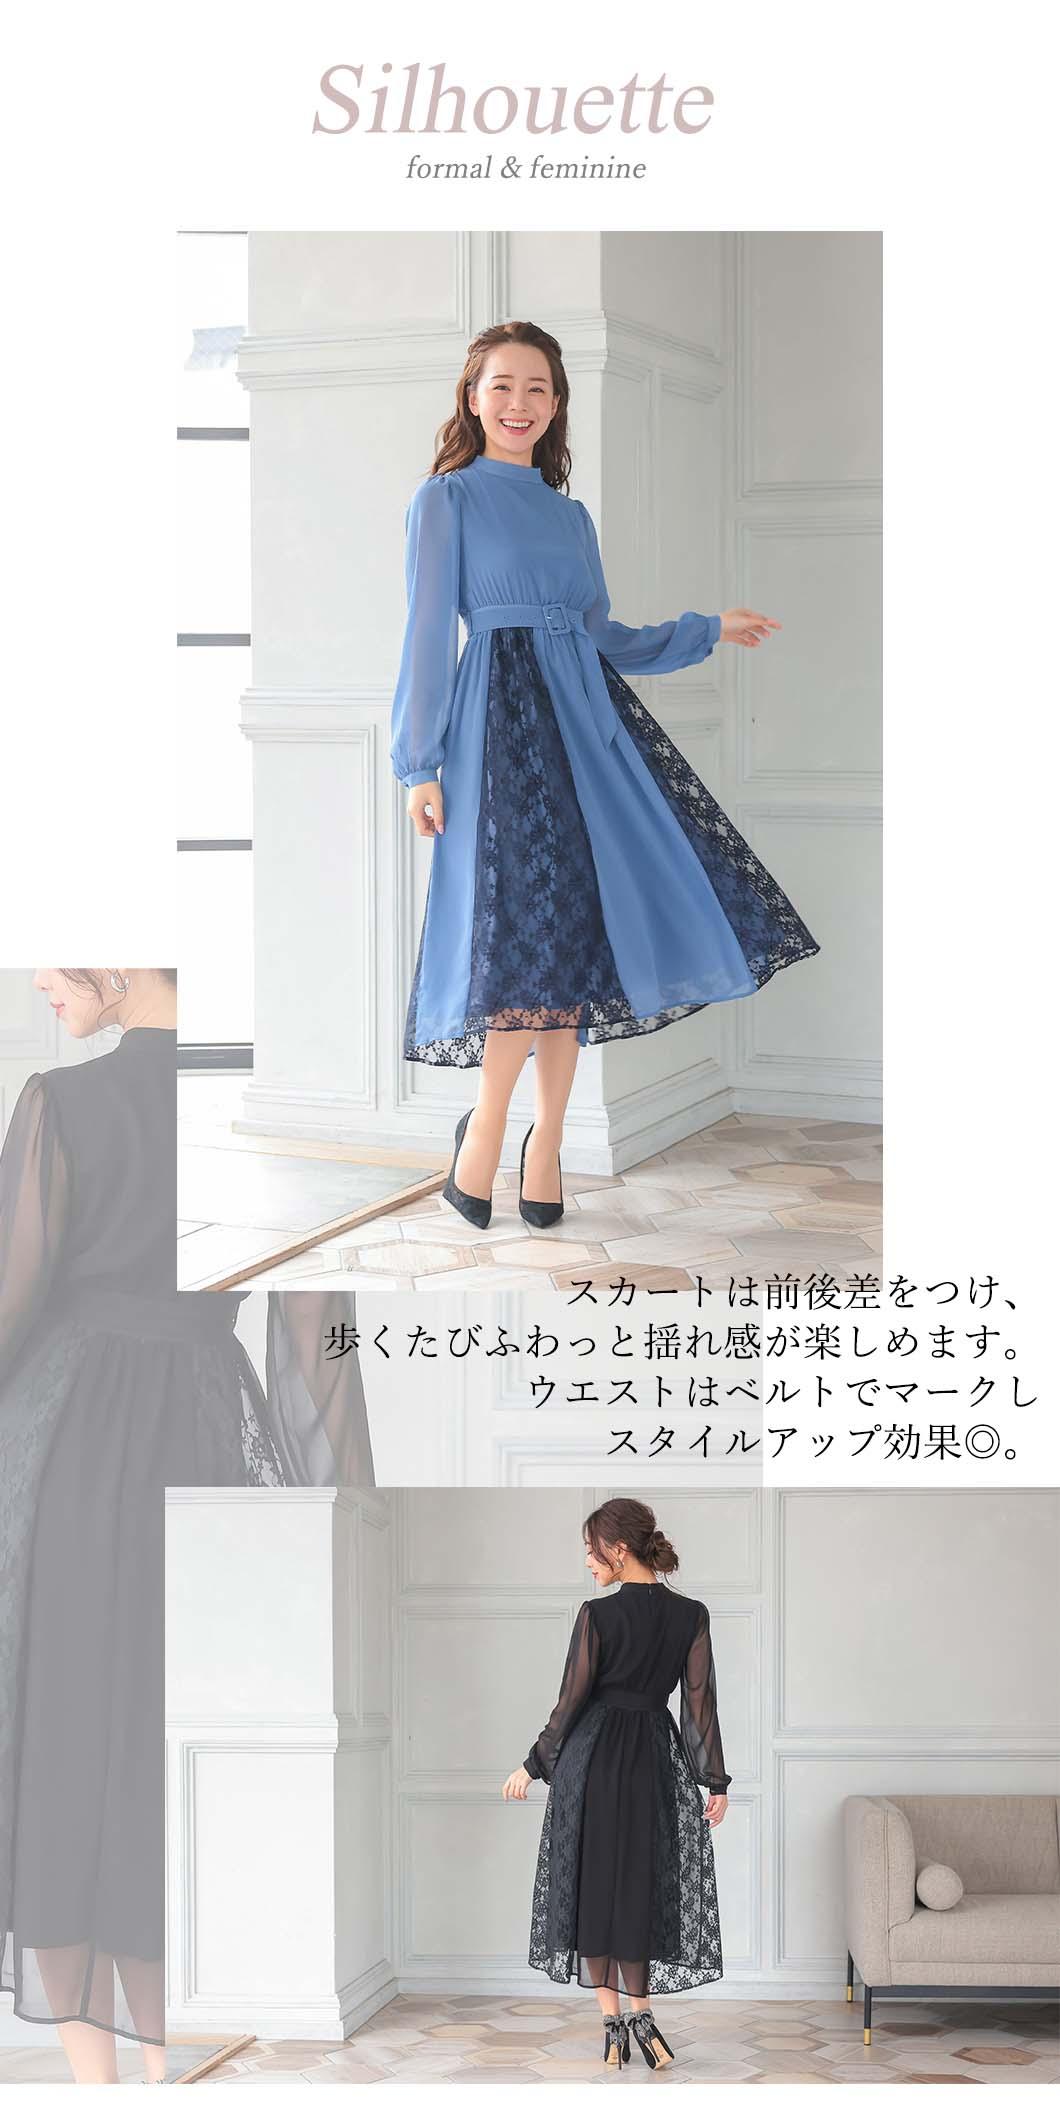 歩くたび揺れるスカートがフェミニン